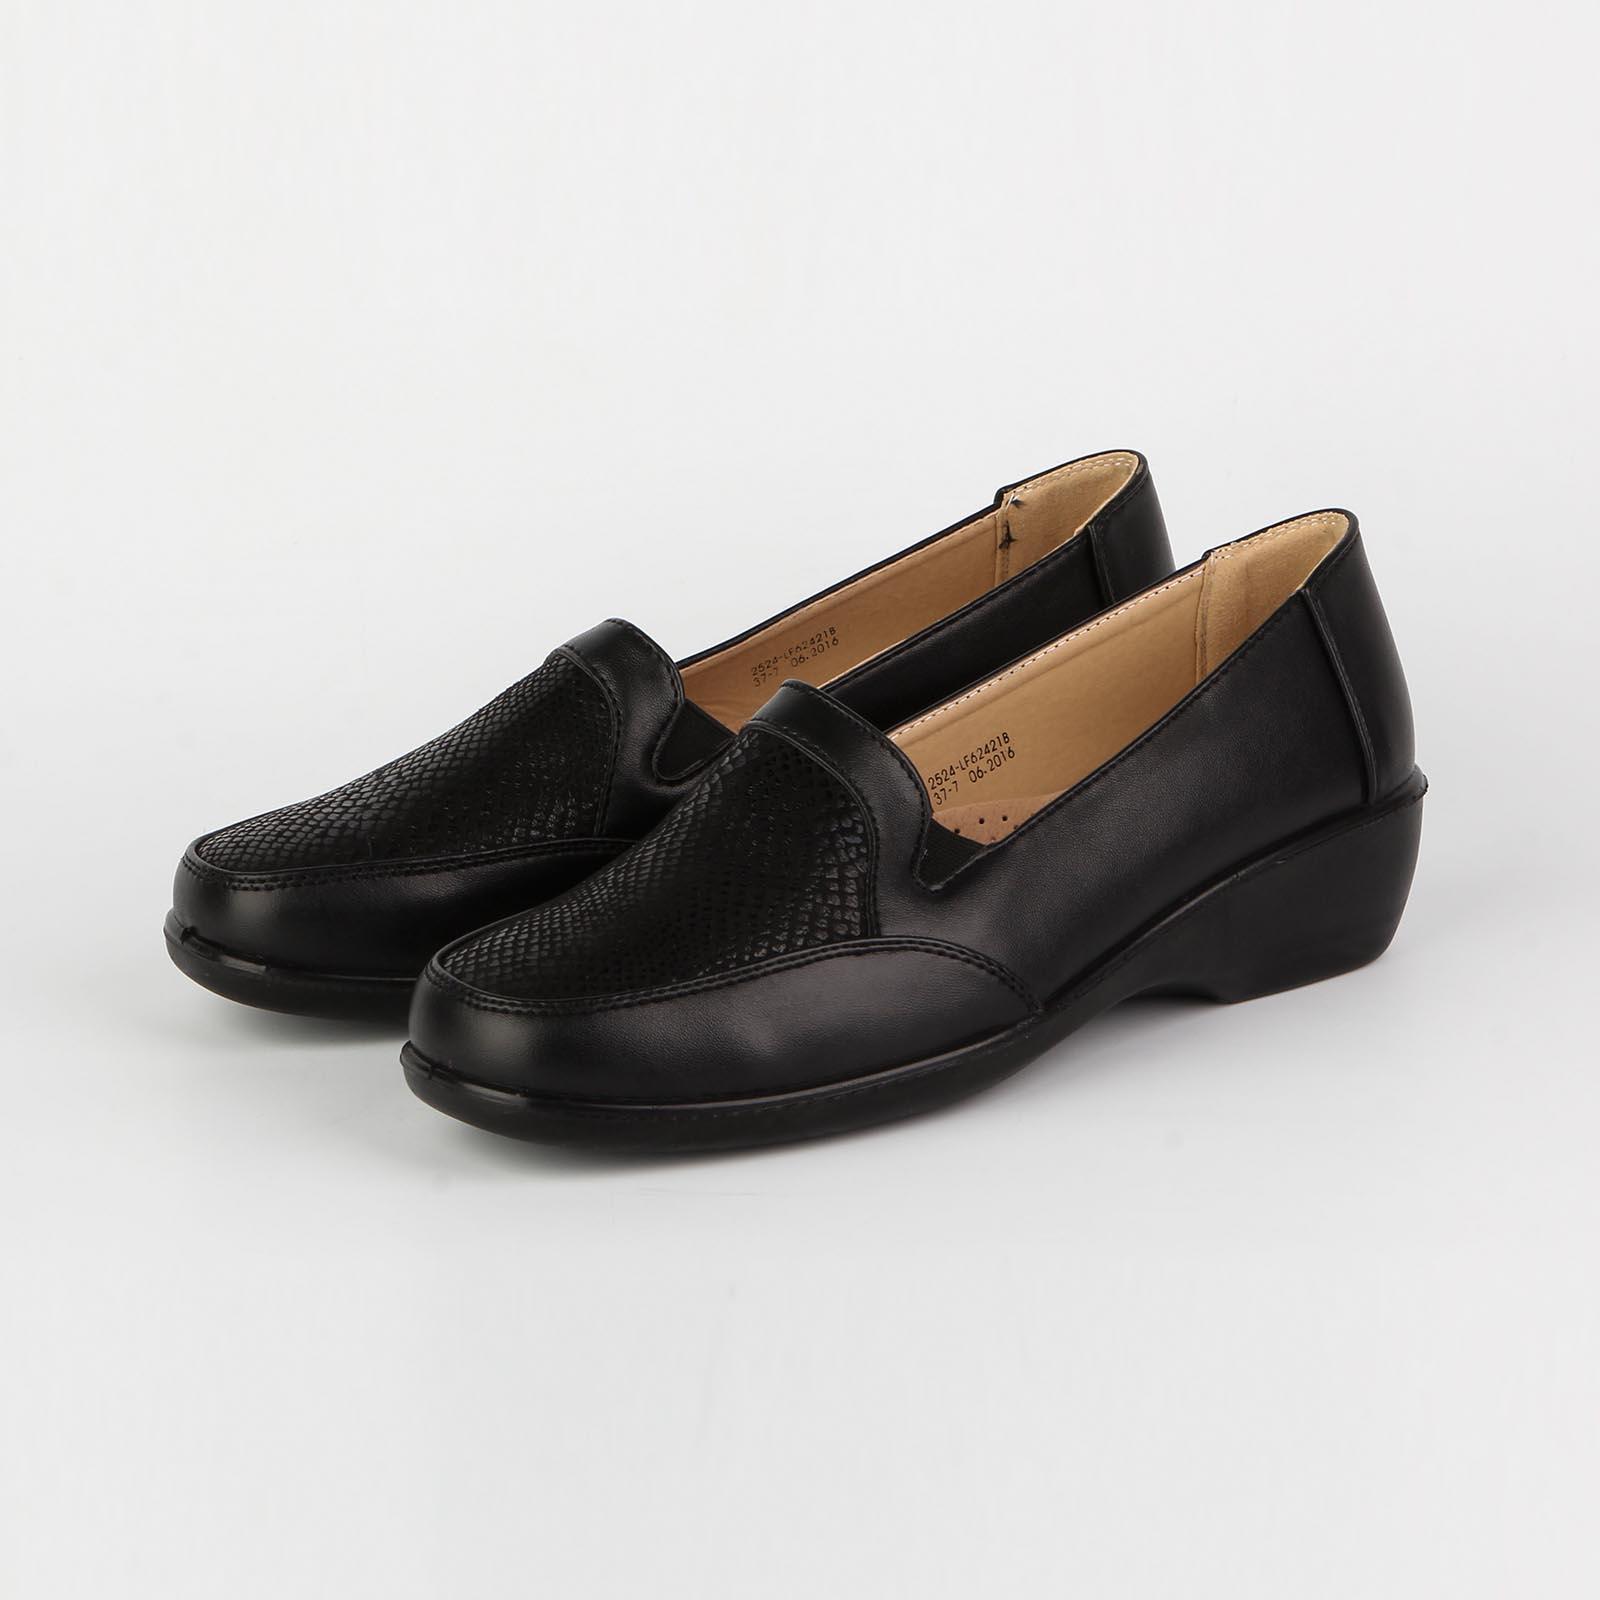 Женские туфли с декорированной вставкой на мысу